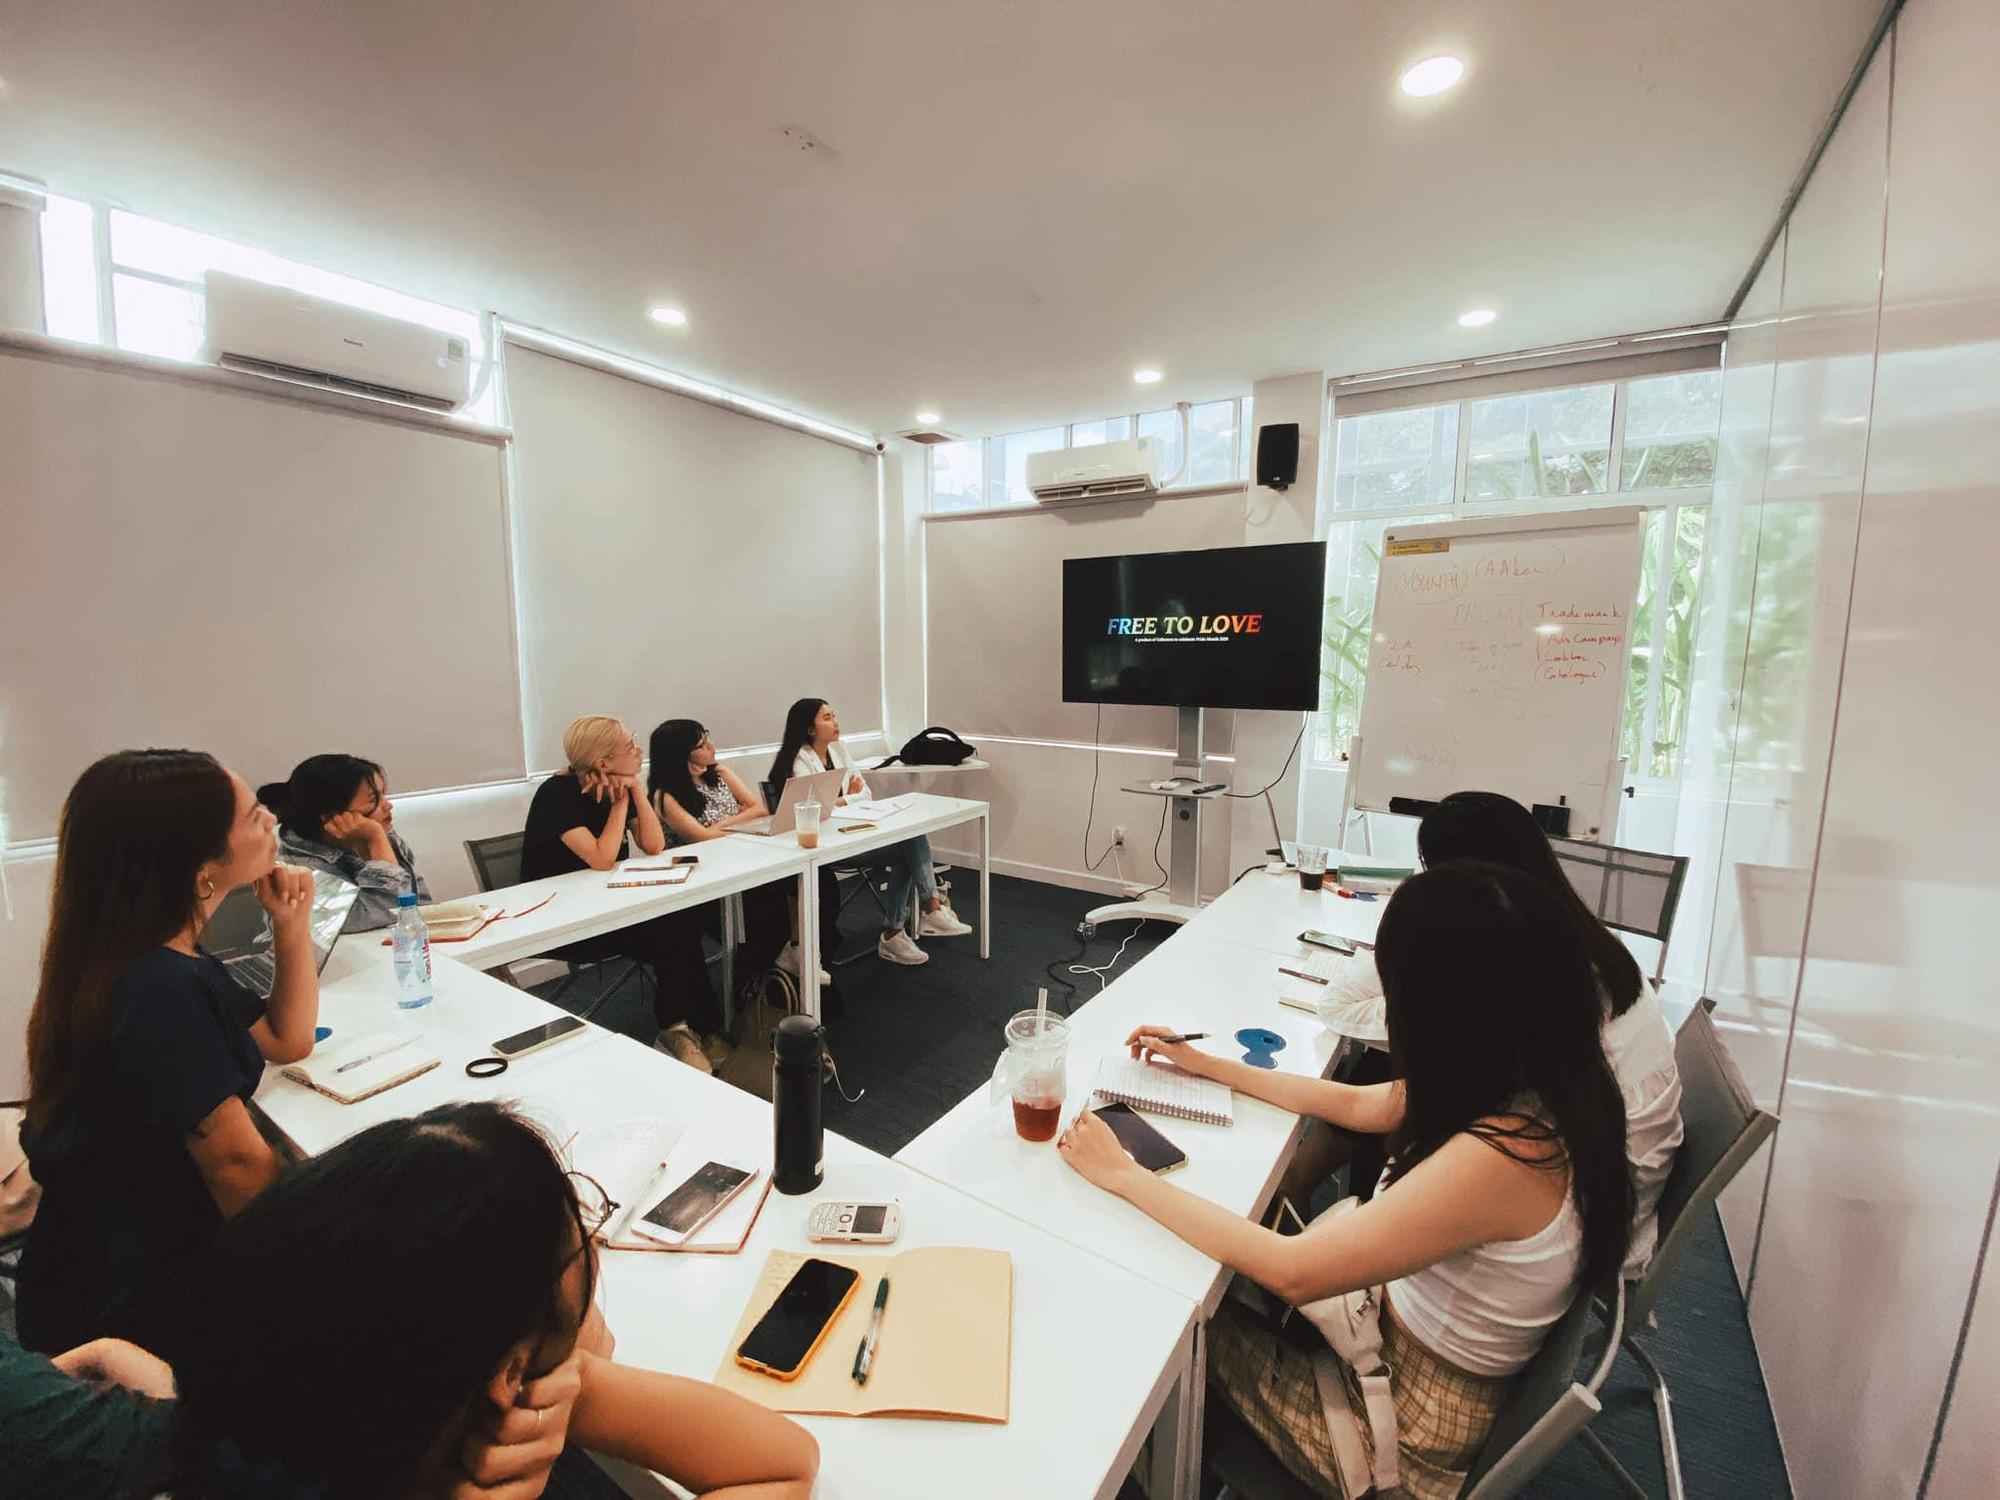 """Local brand Việt qua lăng kính những kẻ mộng mơ: Cân bằng giữa cá tính riêng với xu hướng thị trường để """"đi đường dài"""" - Ảnh 6."""